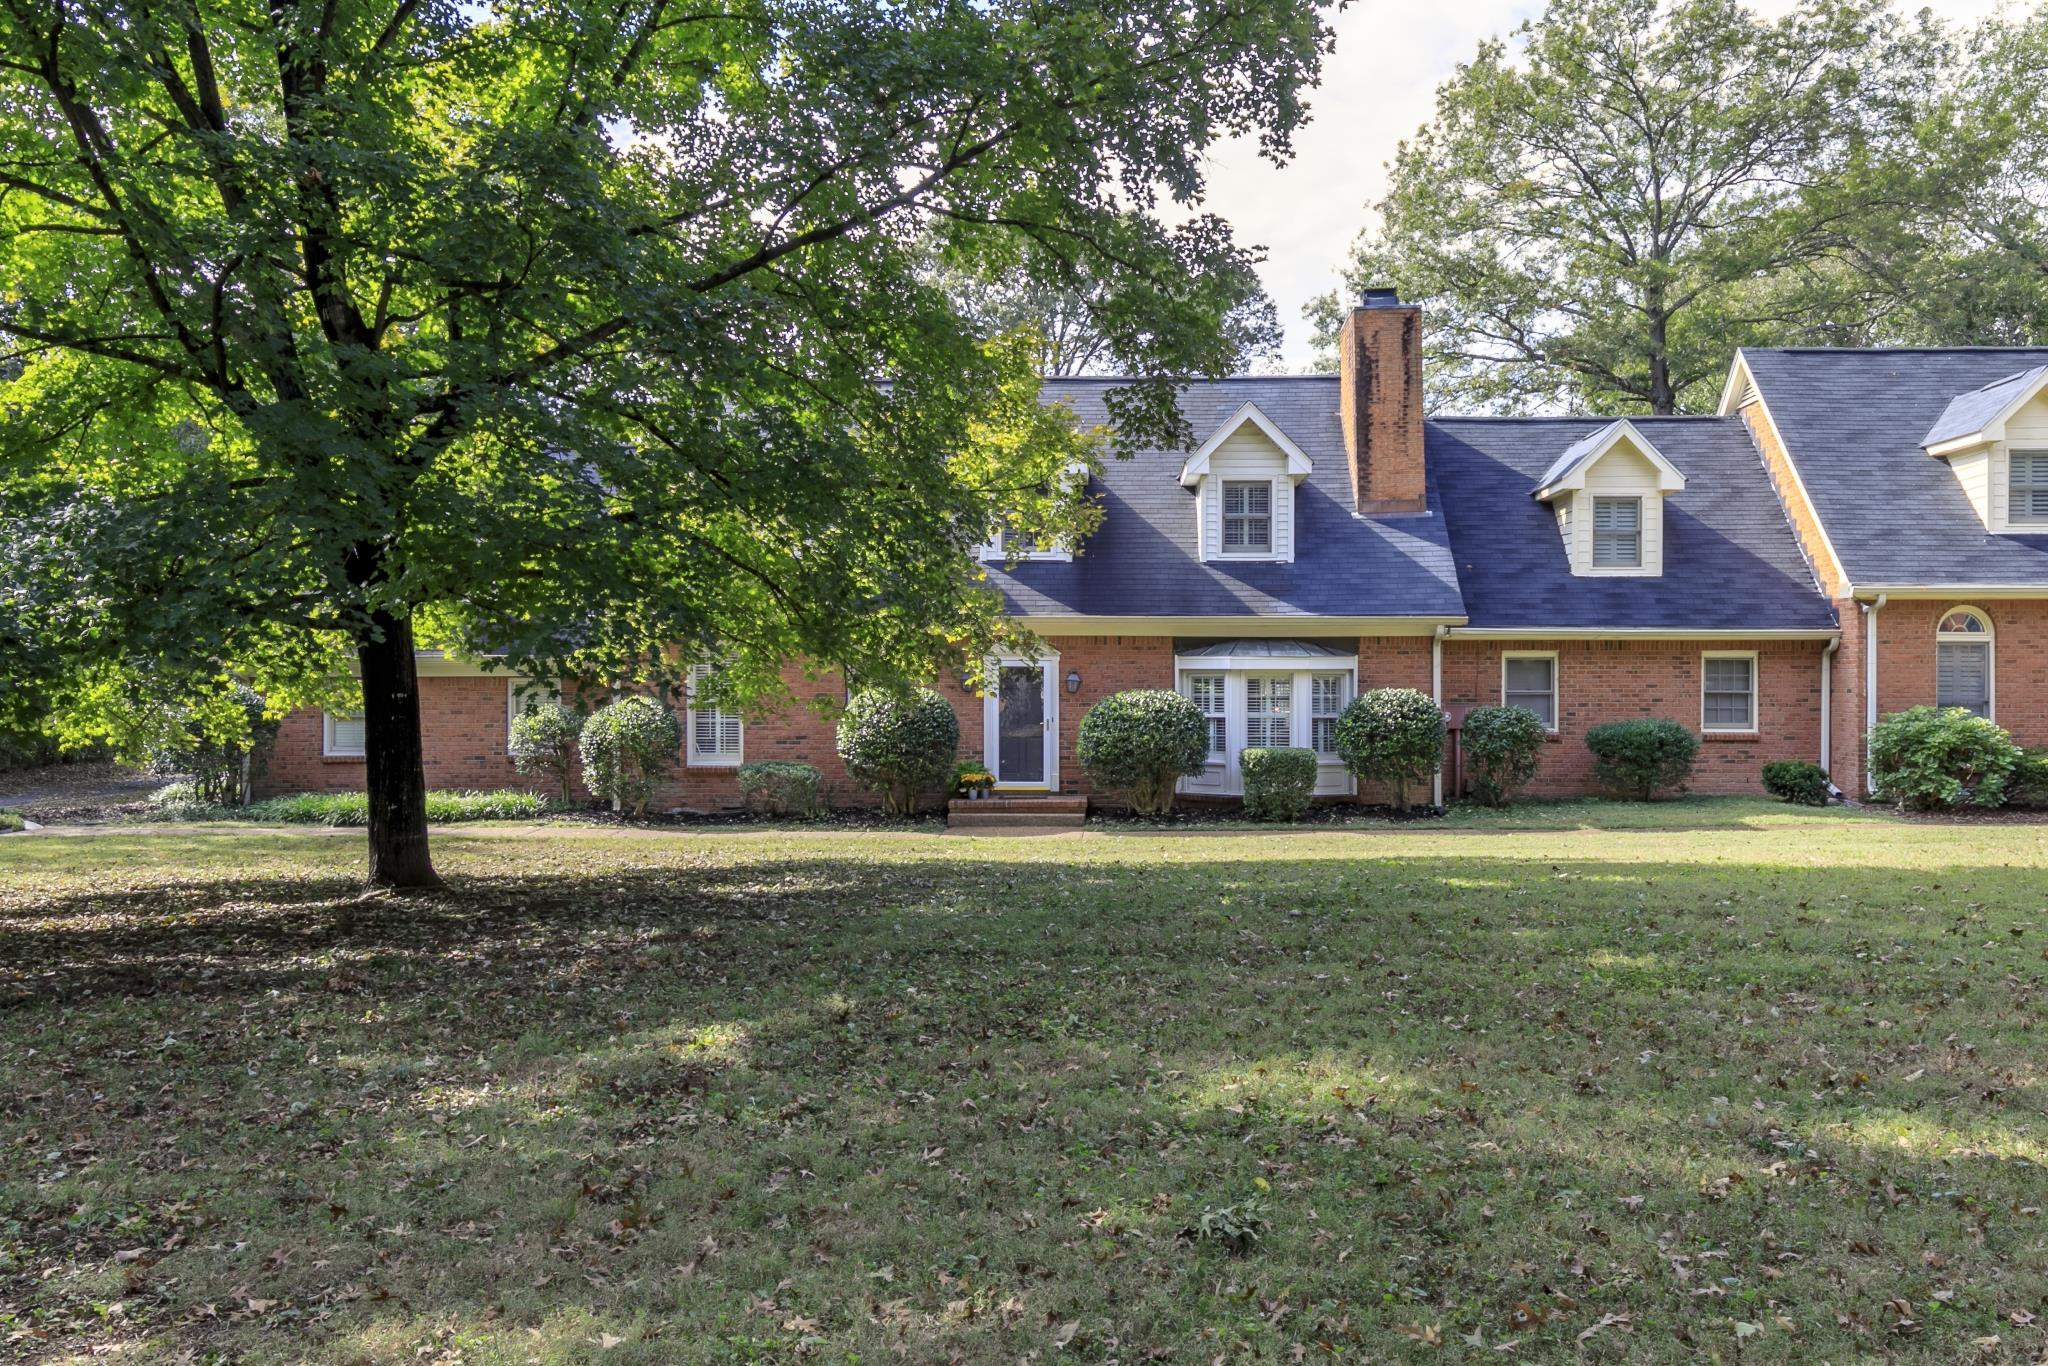 $530,000 - 3Br/3Ba -  for Sale in Lynnbrook Place, Nashville